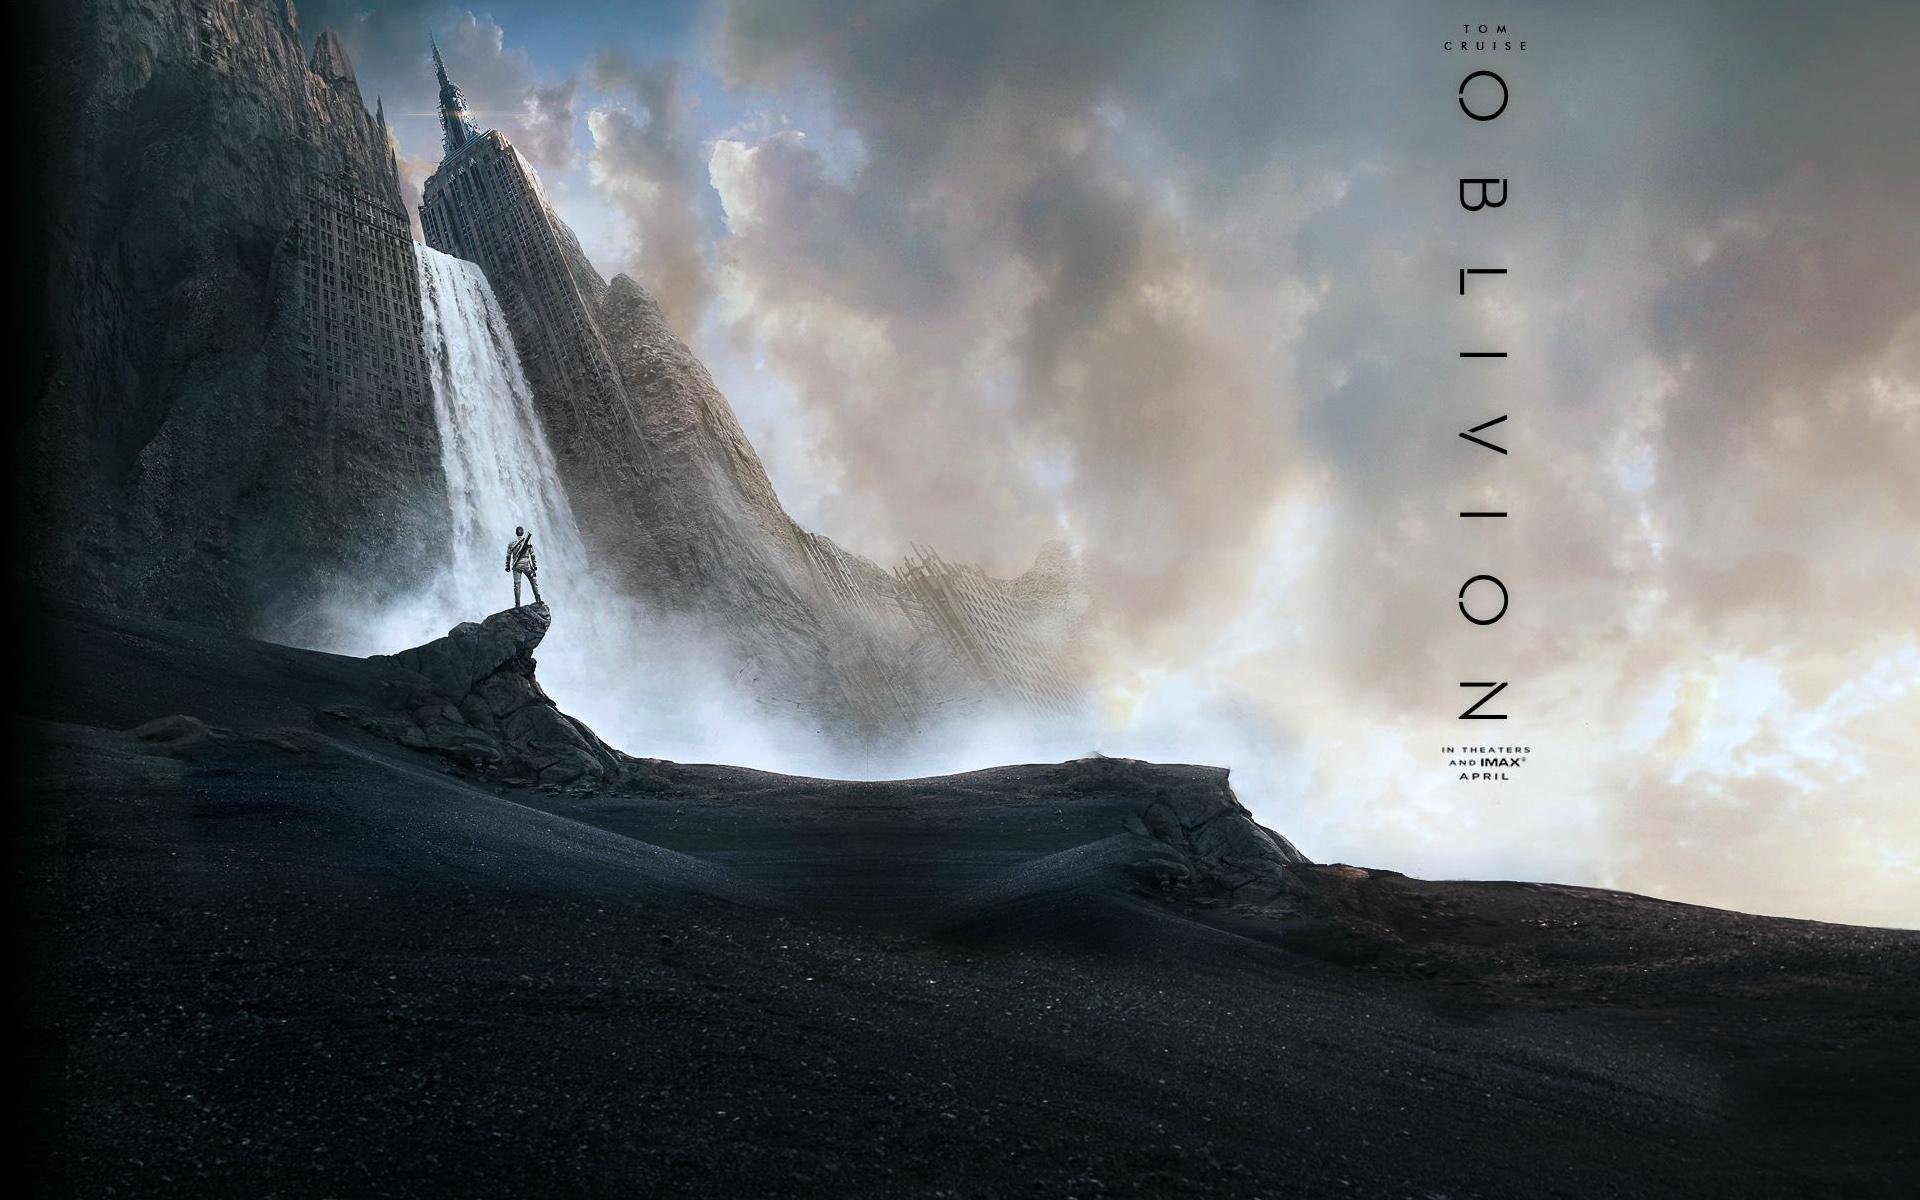 Oblivion Wallpaper 6947553 1920x1200